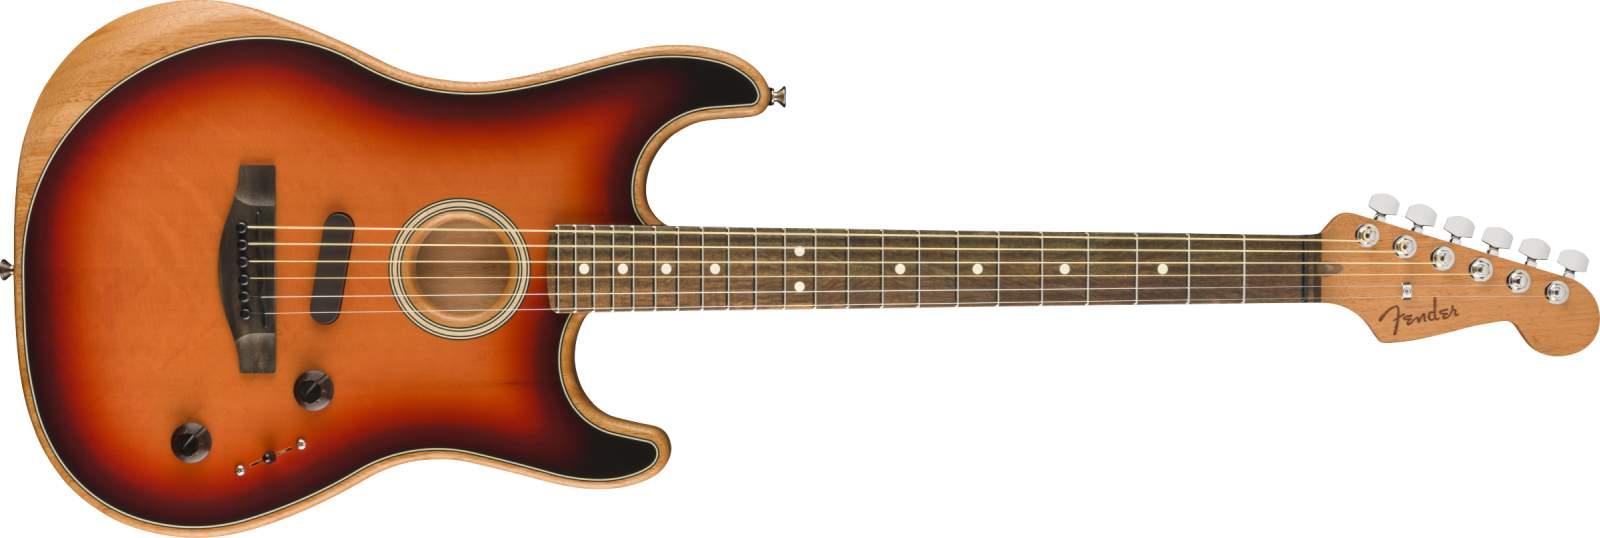 Fender Acoustasonic Stratocaster 3TS